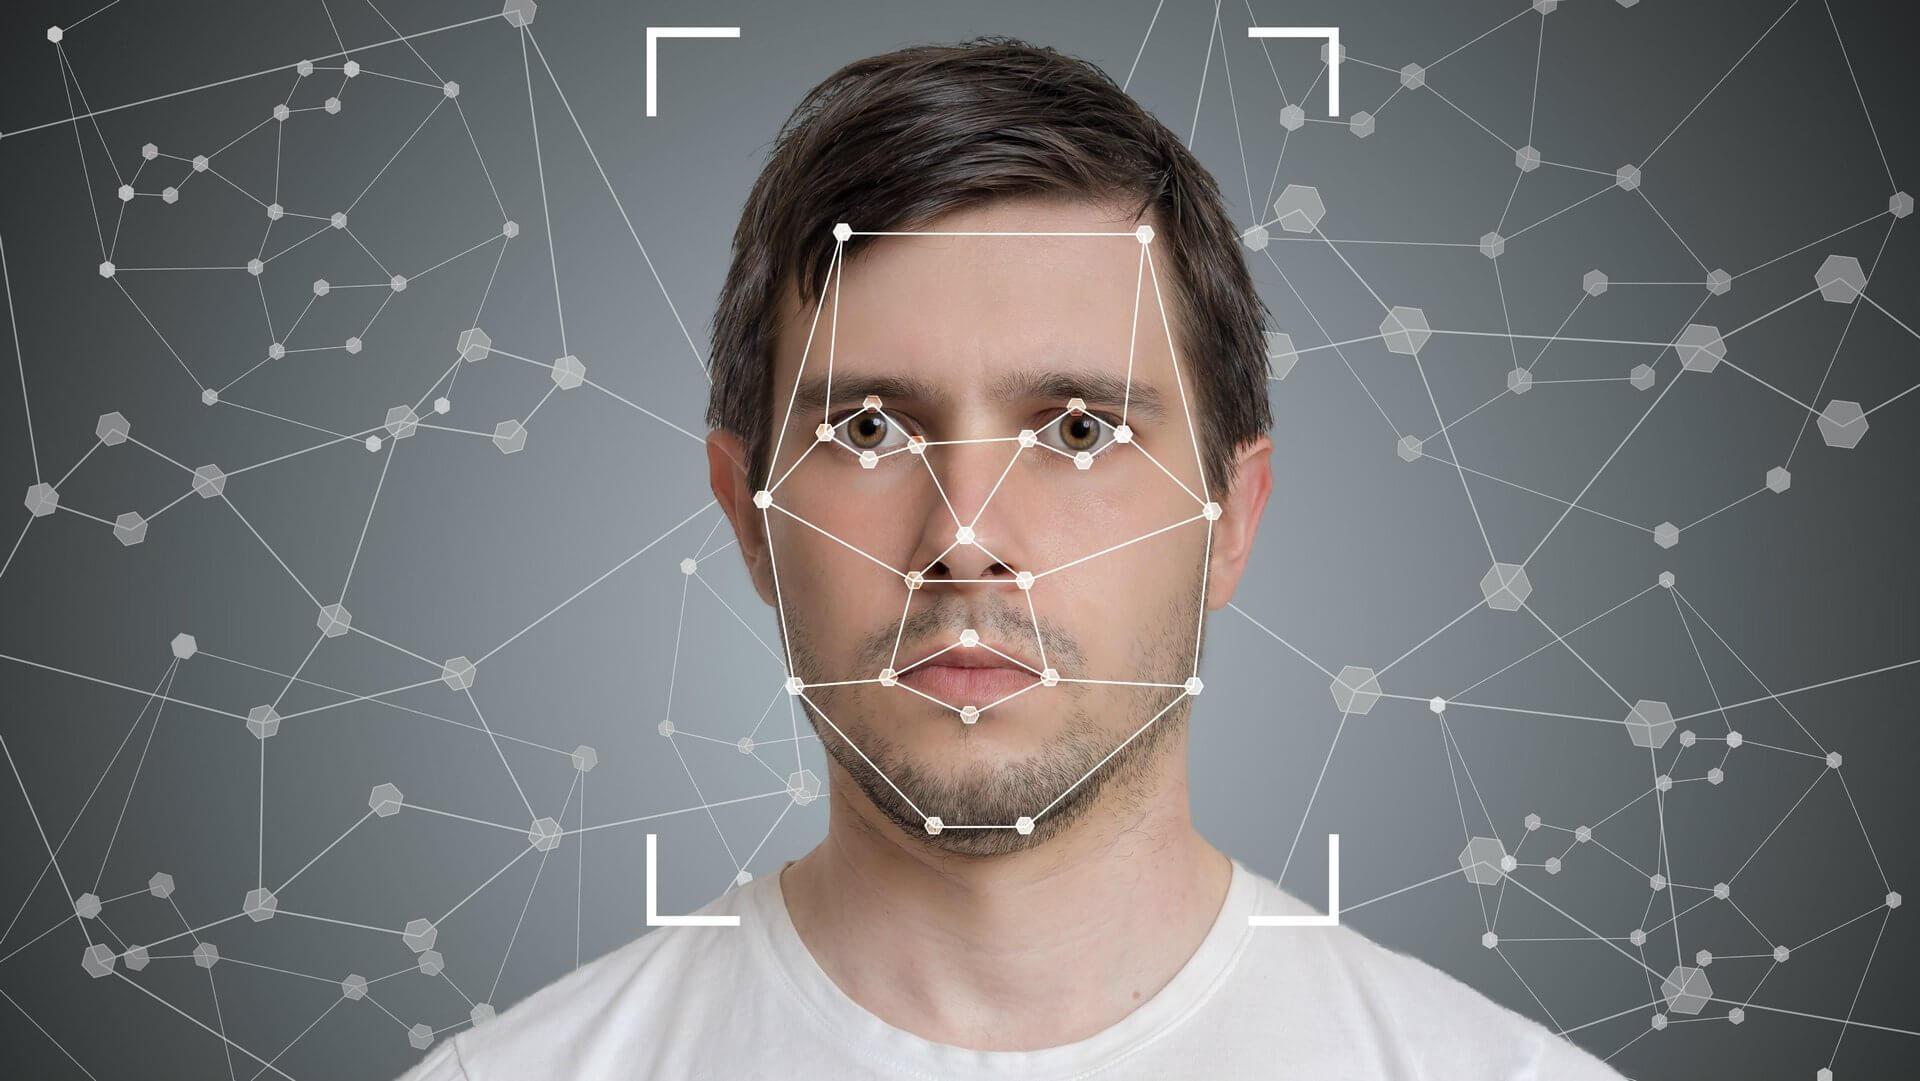 Ученые исследовали, как люди распознают лица